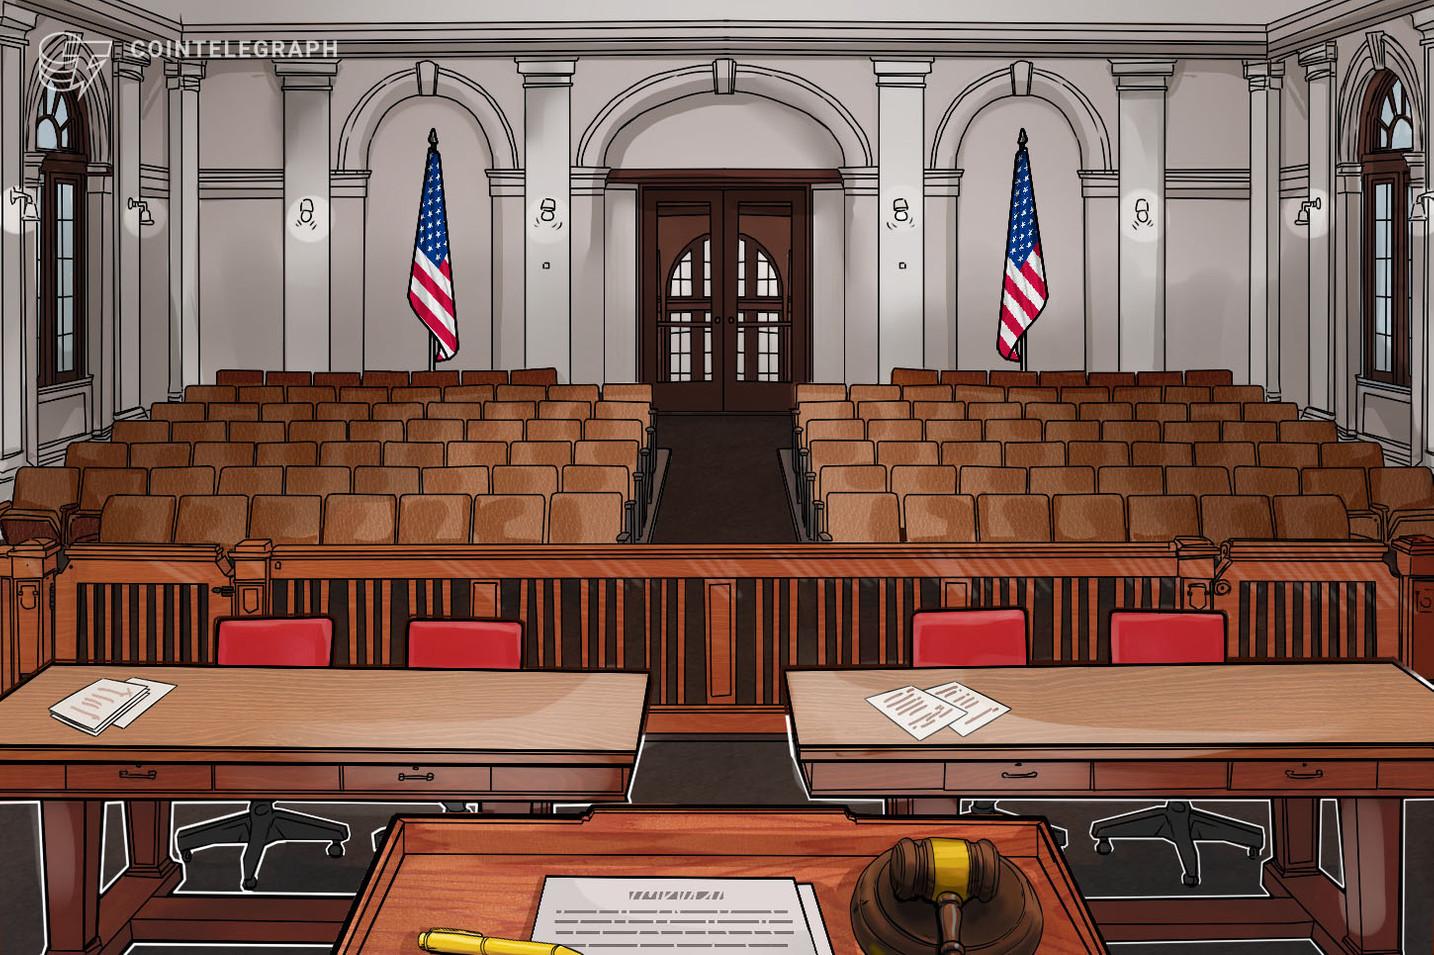 رفع دعوى قضائية ضد كوين بيز بسبب حملة دوجكوين سويبستيك الإعلانية